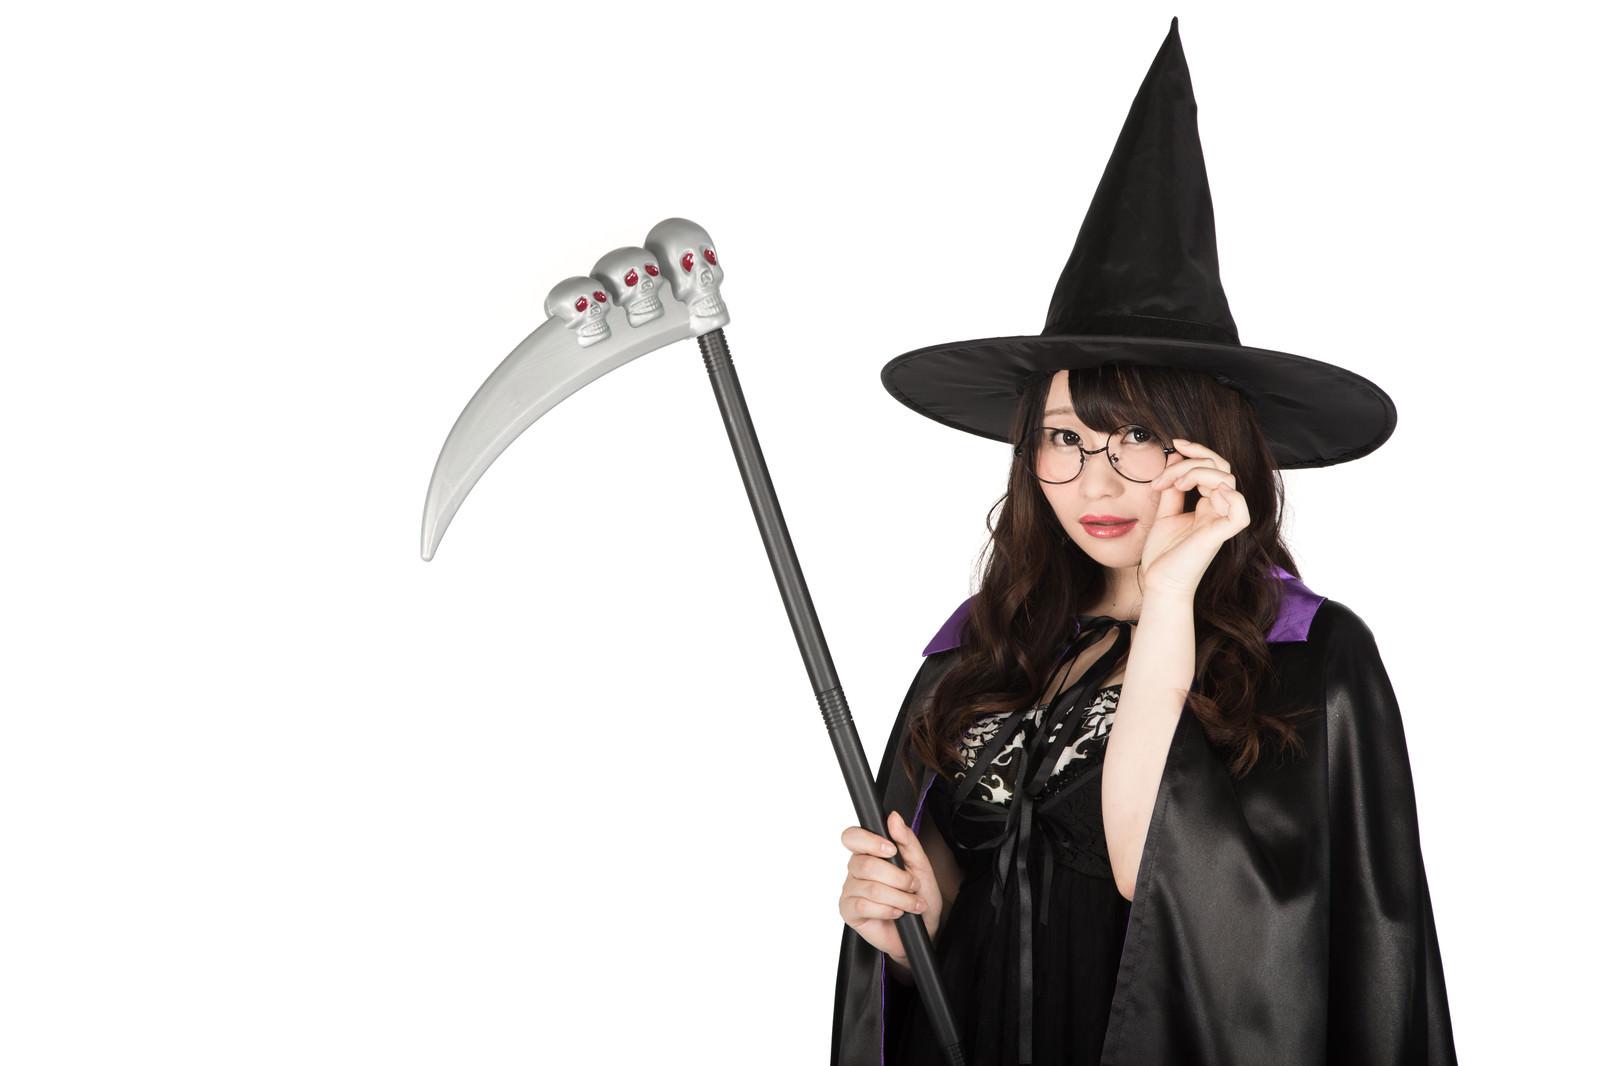 「死神の鎌を持った眼鏡魔女(ハロウィンコスプレ)」の写真[モデル:茜さや]